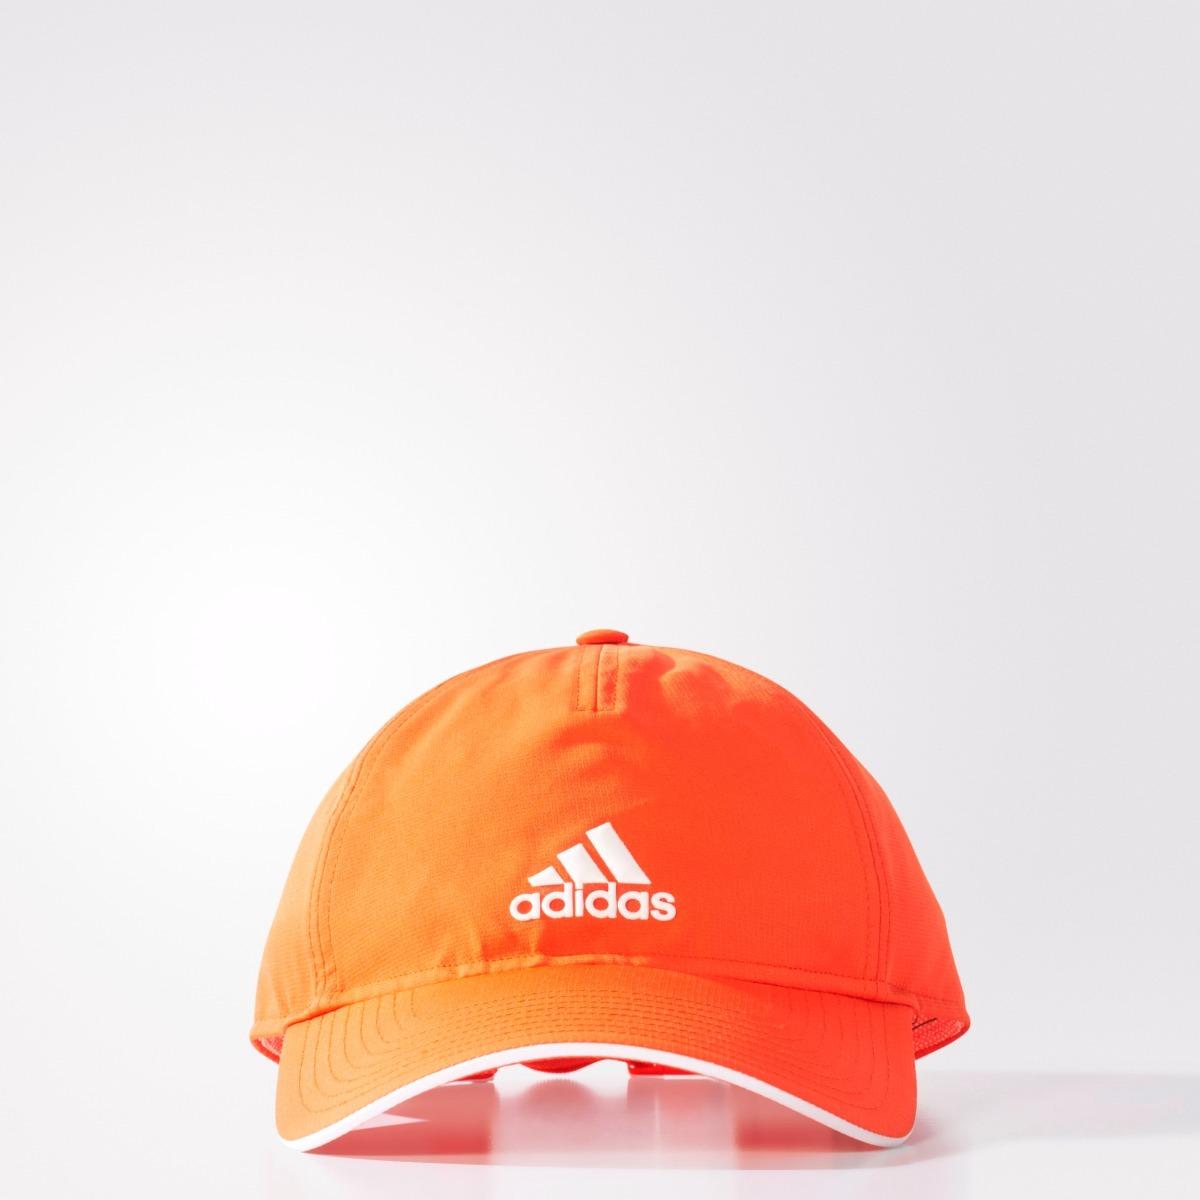 gorra adidas clásica naranja cincopaneles climalite original. Cargando zoom. 5cba08d5189